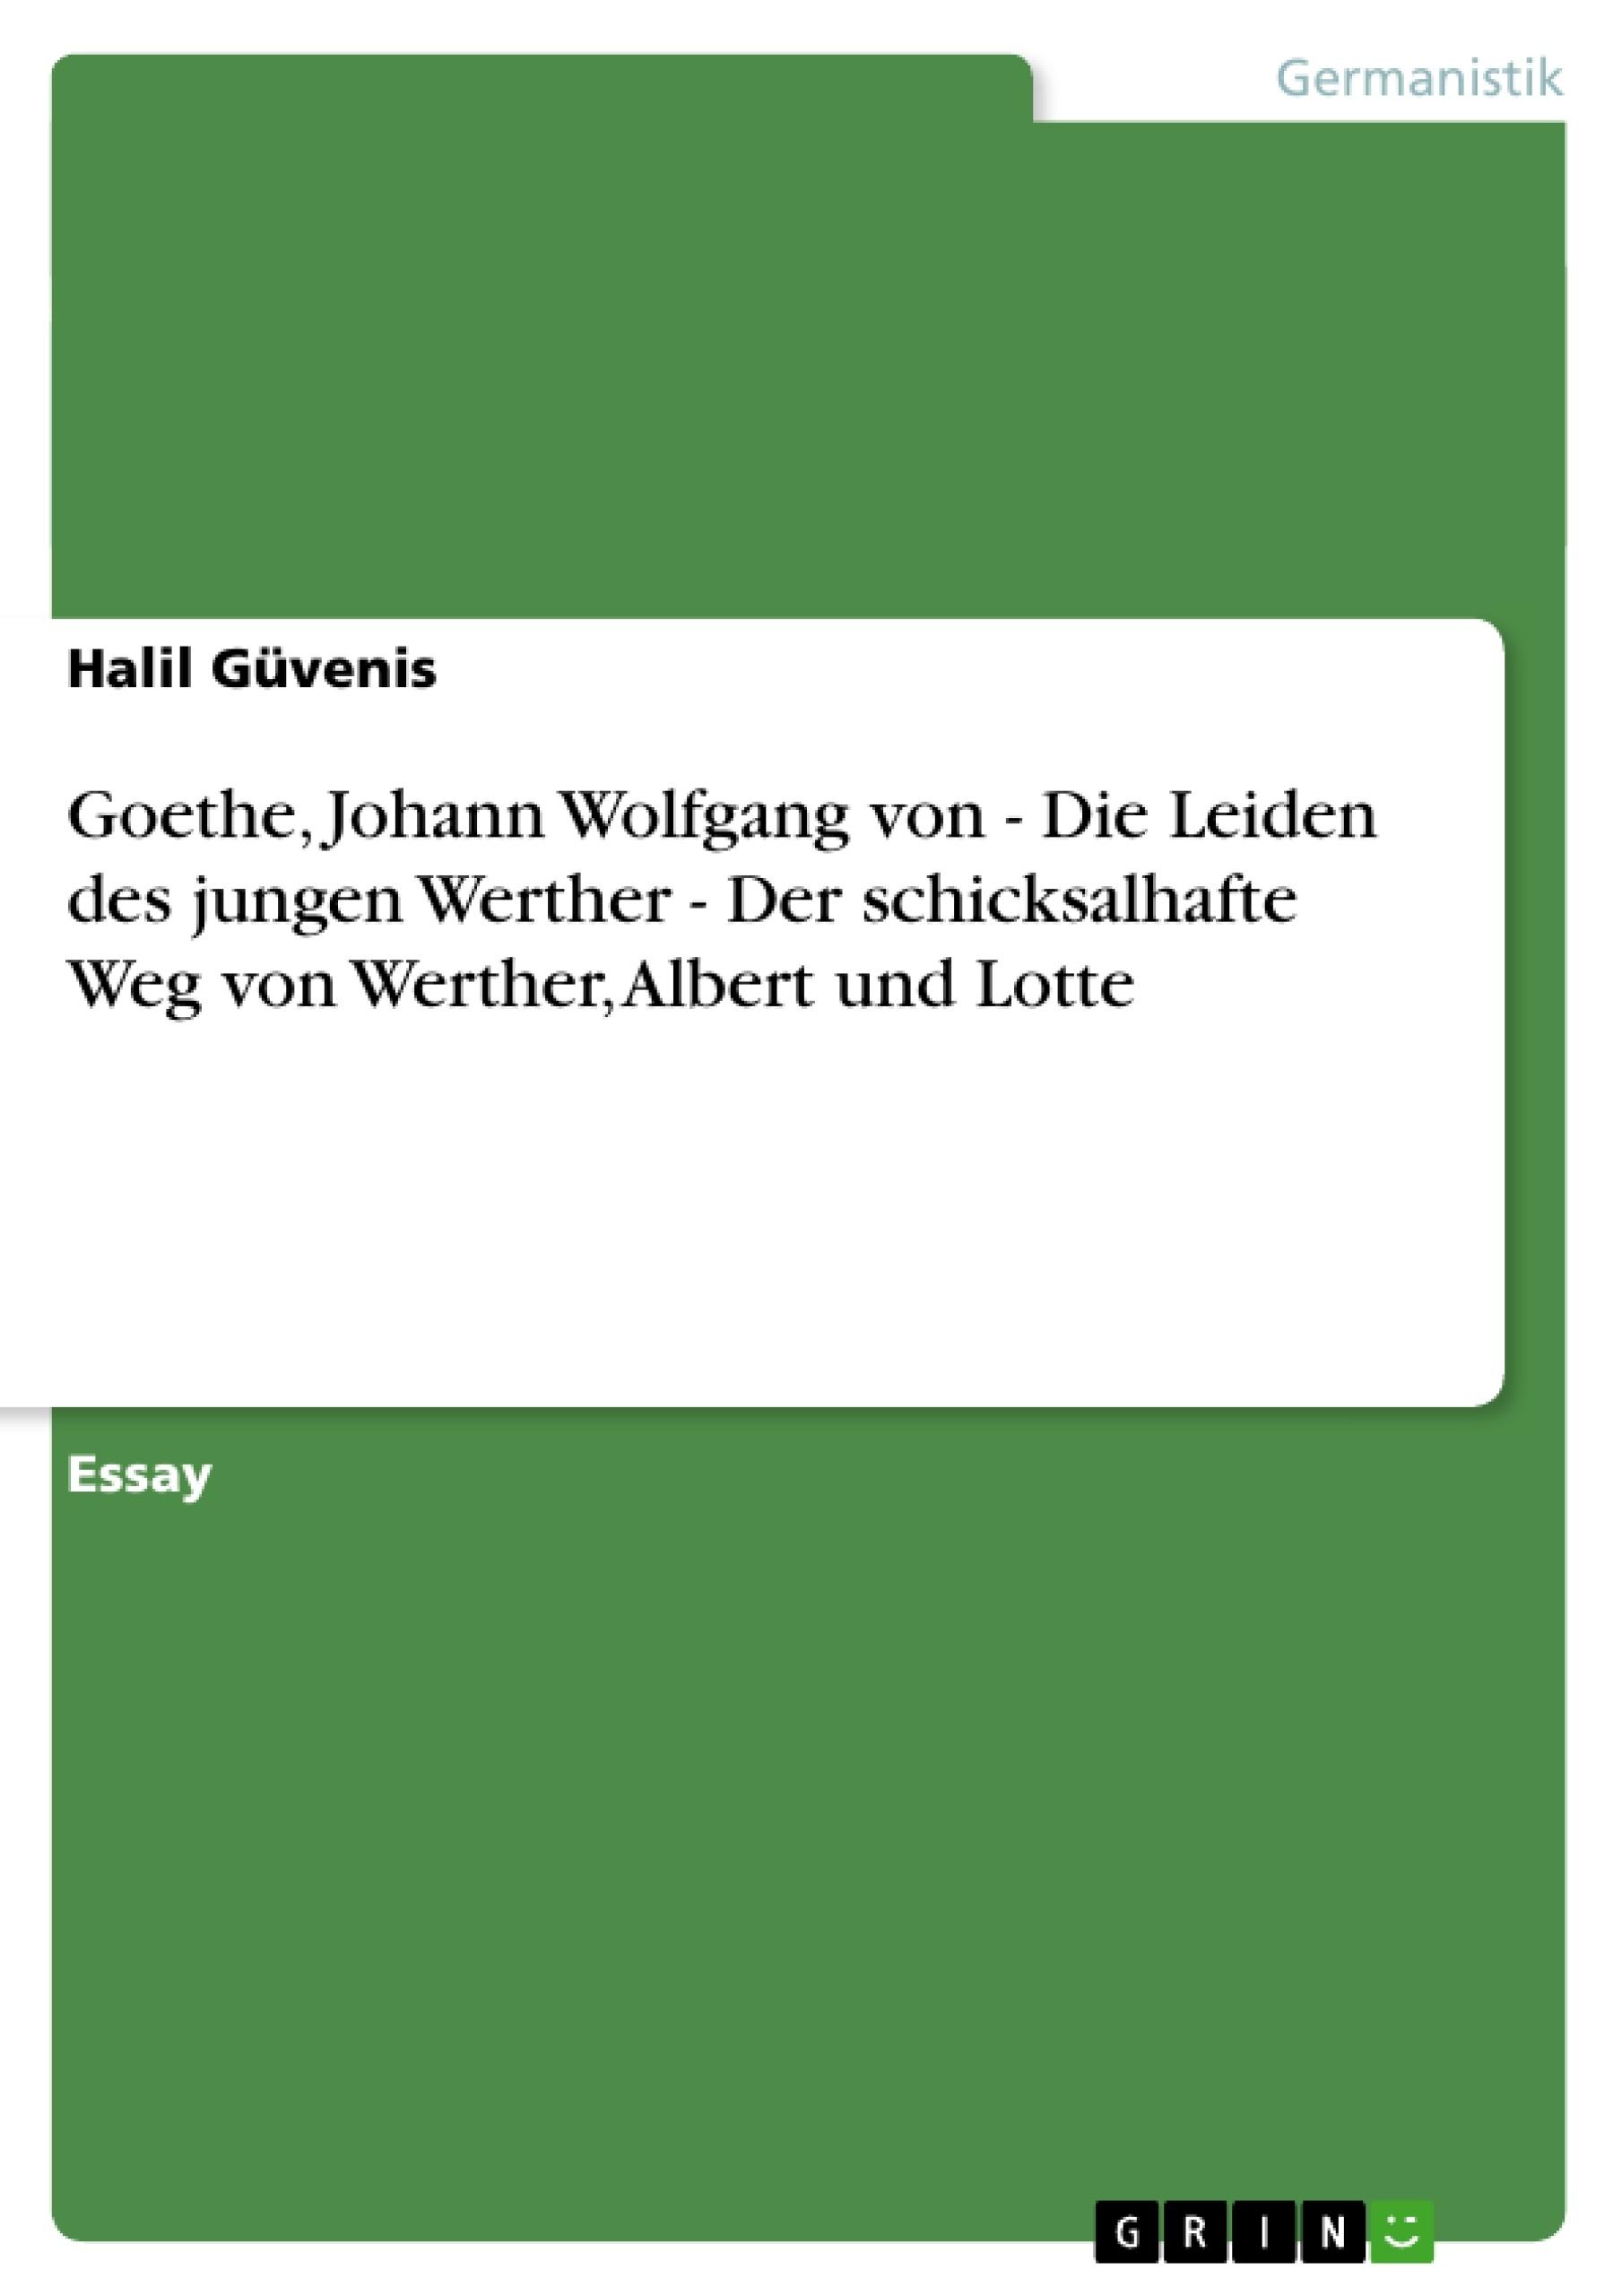 Titel: Goethe, Johann Wolfgang von - Die Leiden des jungen Werther - Der schicksalhafte Weg von Werther, Albert und Lotte